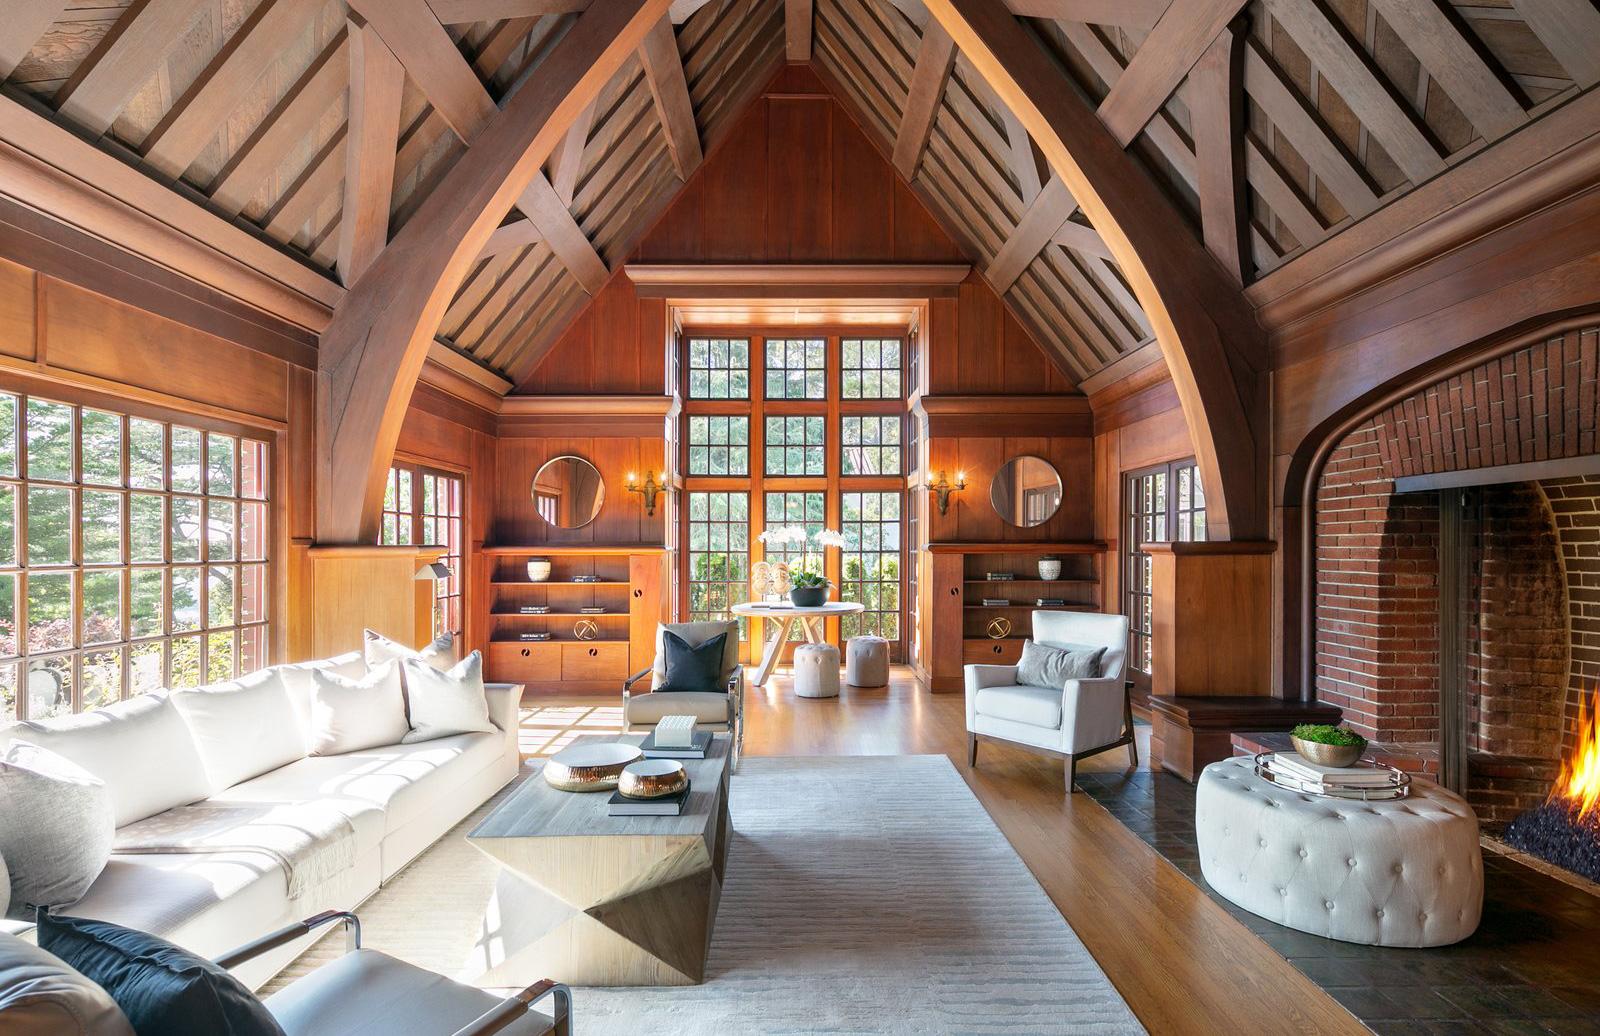 Phong cách Art & Crafts trong thiết kế nội thất